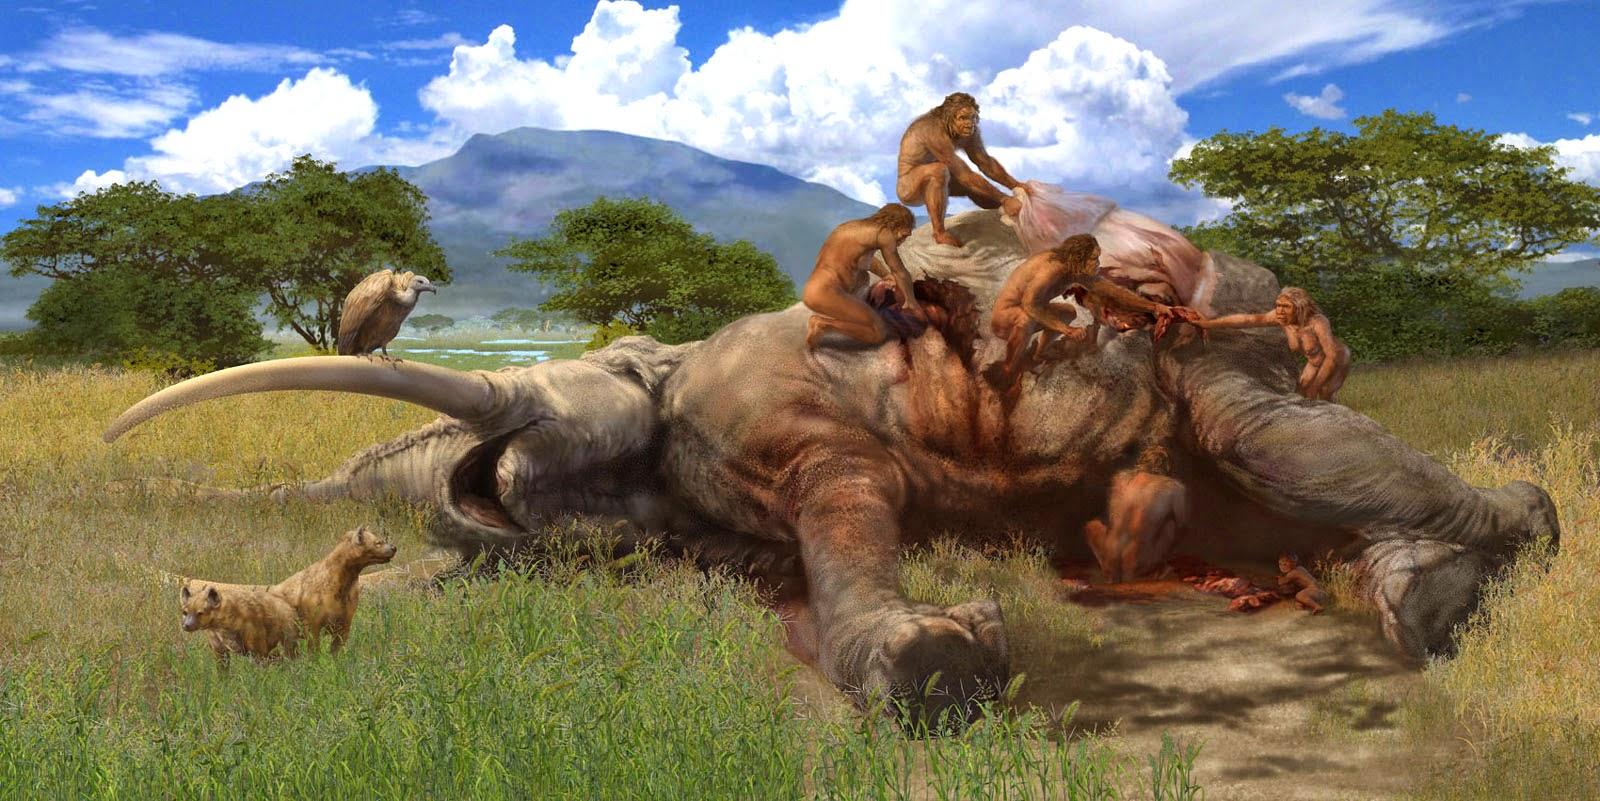 Fil ile beslenen bir grup Homo cinsi. Yanlarında akbaba ve sırtlanlar.